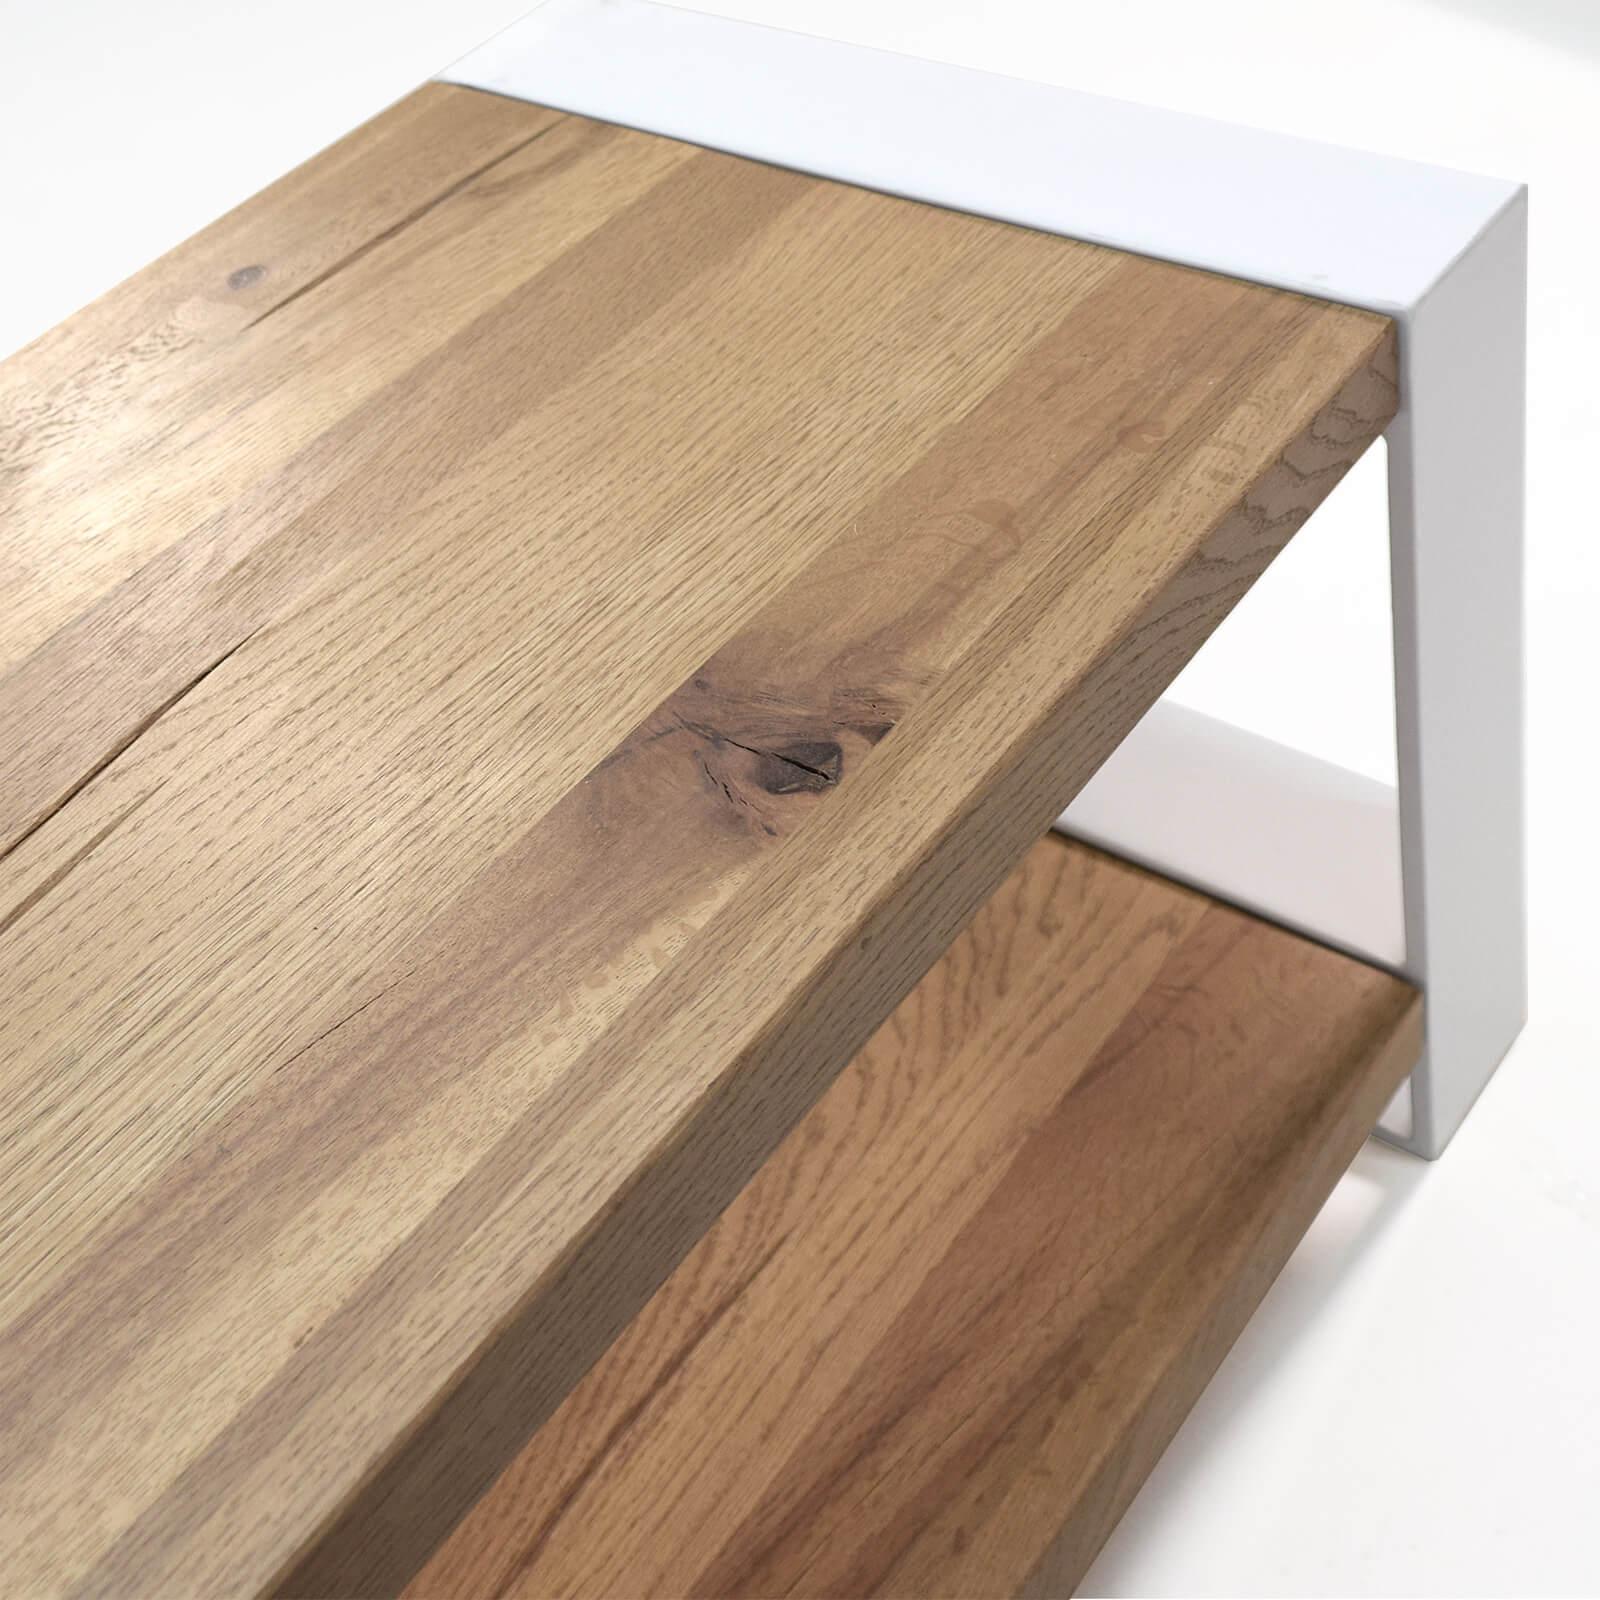 Lowboard Mio Eiche Massivholz Metall Weiss 180cm